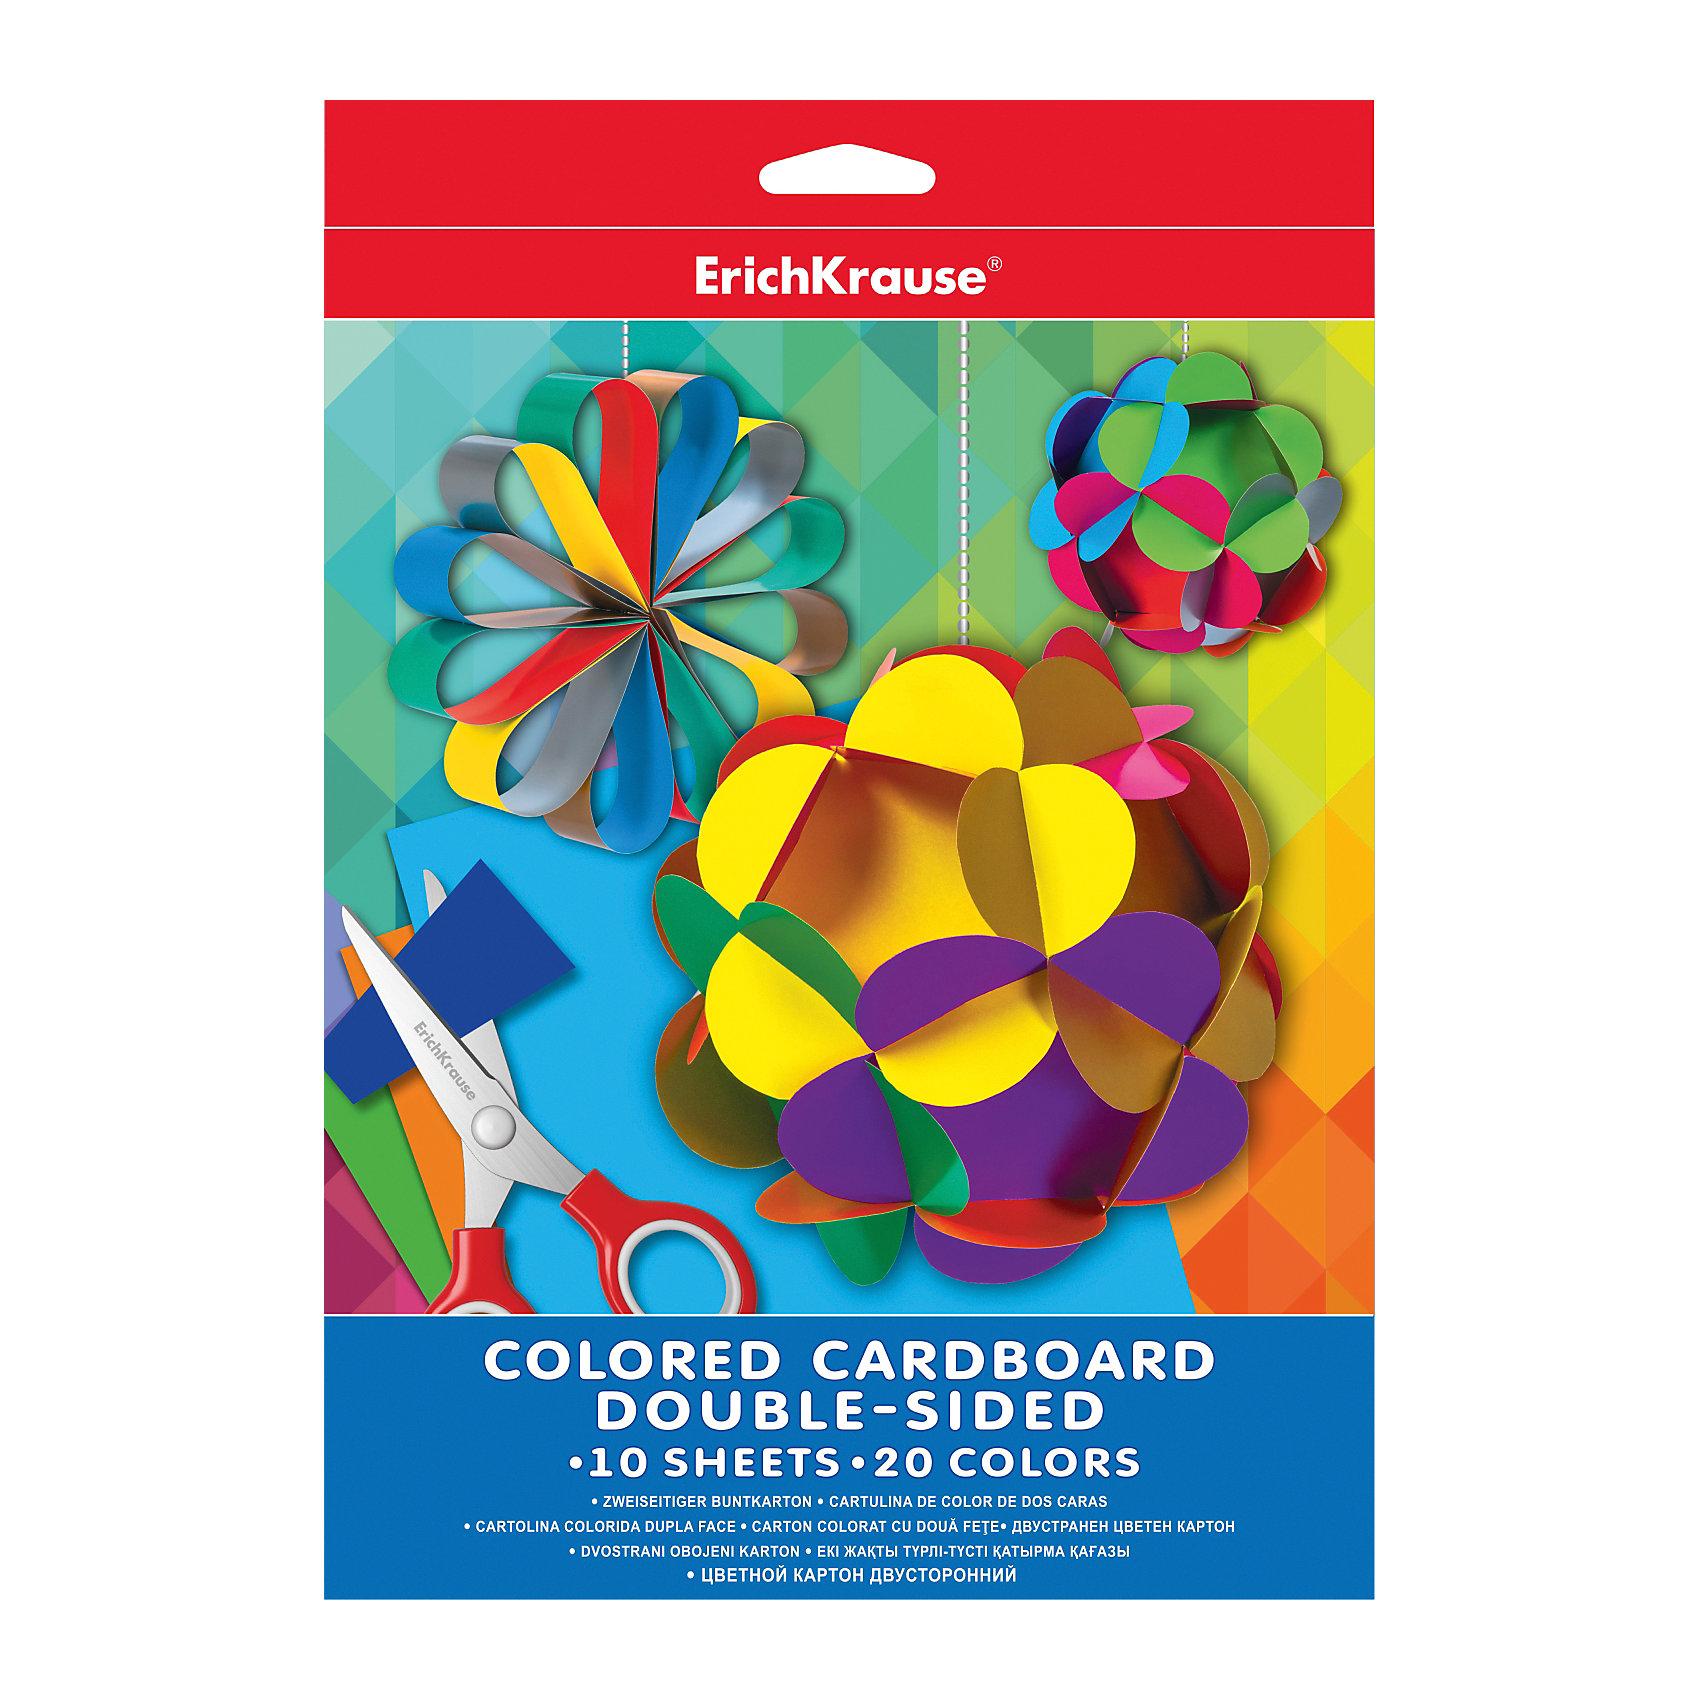 Двусторонний цветной картон А4 (10 листов, 20 цветов)Цветной картон - неизменный атрибут детского творчества в садах, дома, в школе. Из него можно создать множество удивительных поделок, аппликаций, открыток. <br><br>Дополнительная информация:<br><br>- Материал: бумага, картон.<br>- Формат: А4.<br>- Количество листов: 20.<br>- Количество цветов: 10.<br><br>Двусторонний цветной картон А4 (10 листов, 20 цветов) можно купить в нашем магазине.<br><br>Ширина мм: 210<br>Глубина мм: 280<br>Высота мм: 5<br>Вес г: 169<br>Возраст от месяцев: 36<br>Возраст до месяцев: 108<br>Пол: Унисекс<br>Возраст: Детский<br>SKU: 4379663